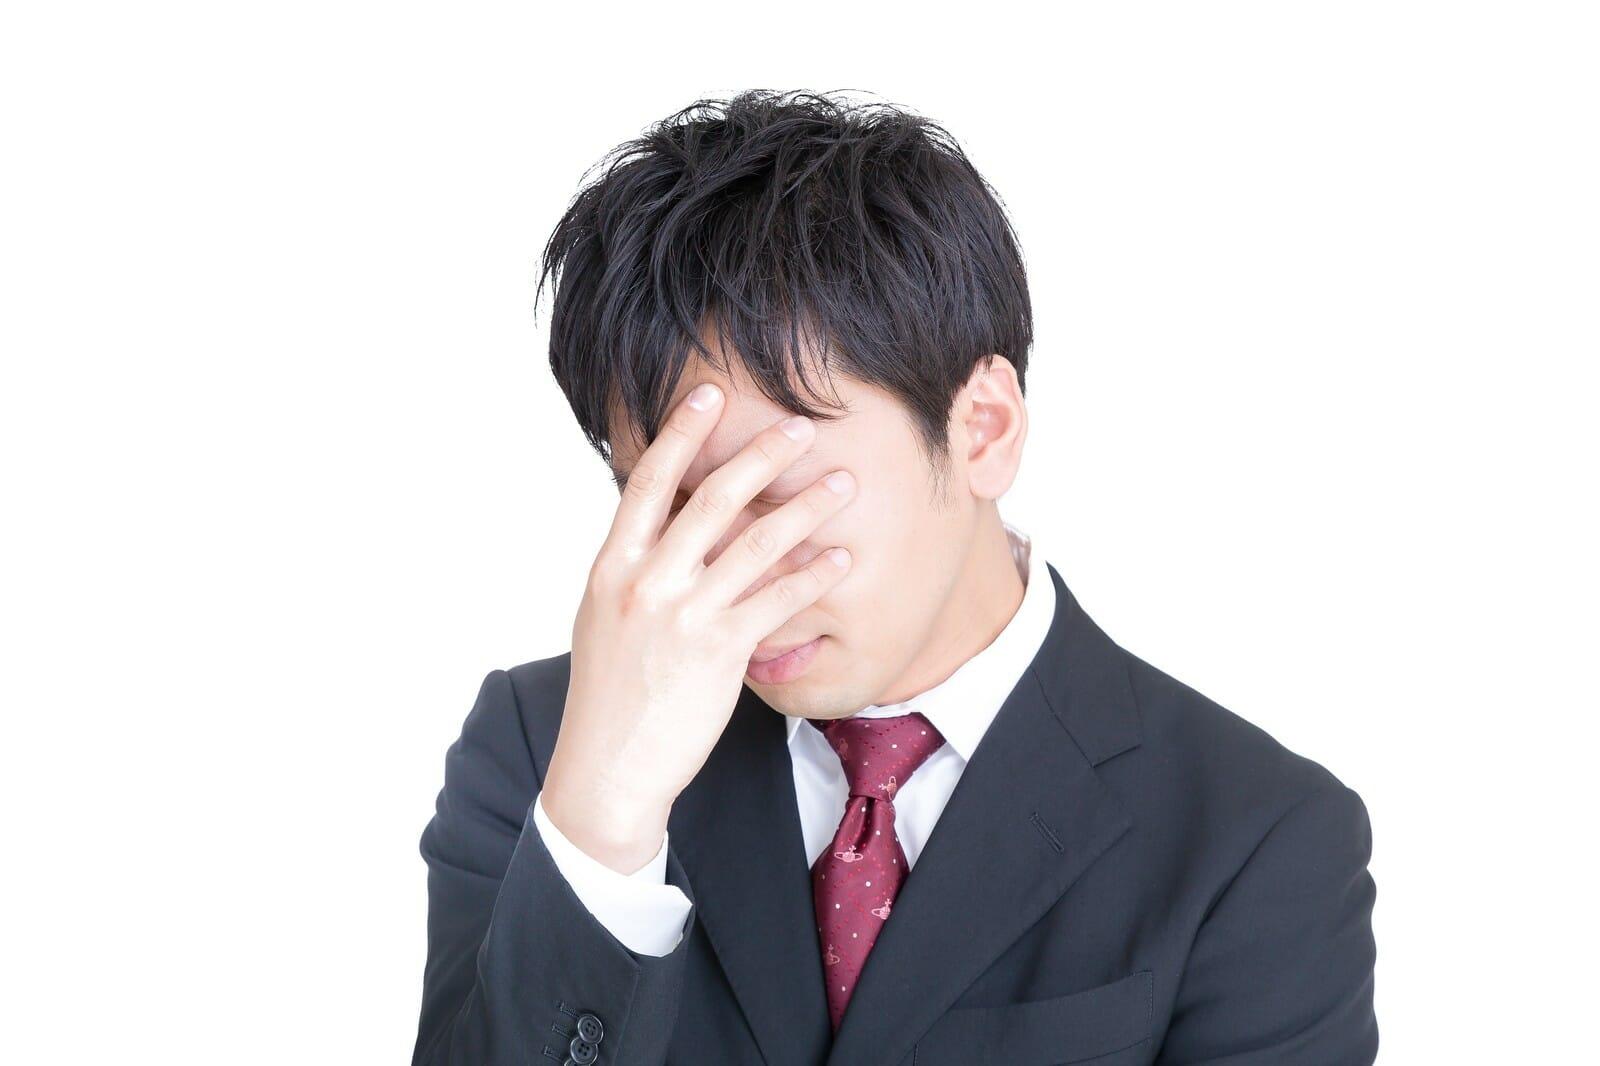 外国人とのトラブルで頭を抱える男性